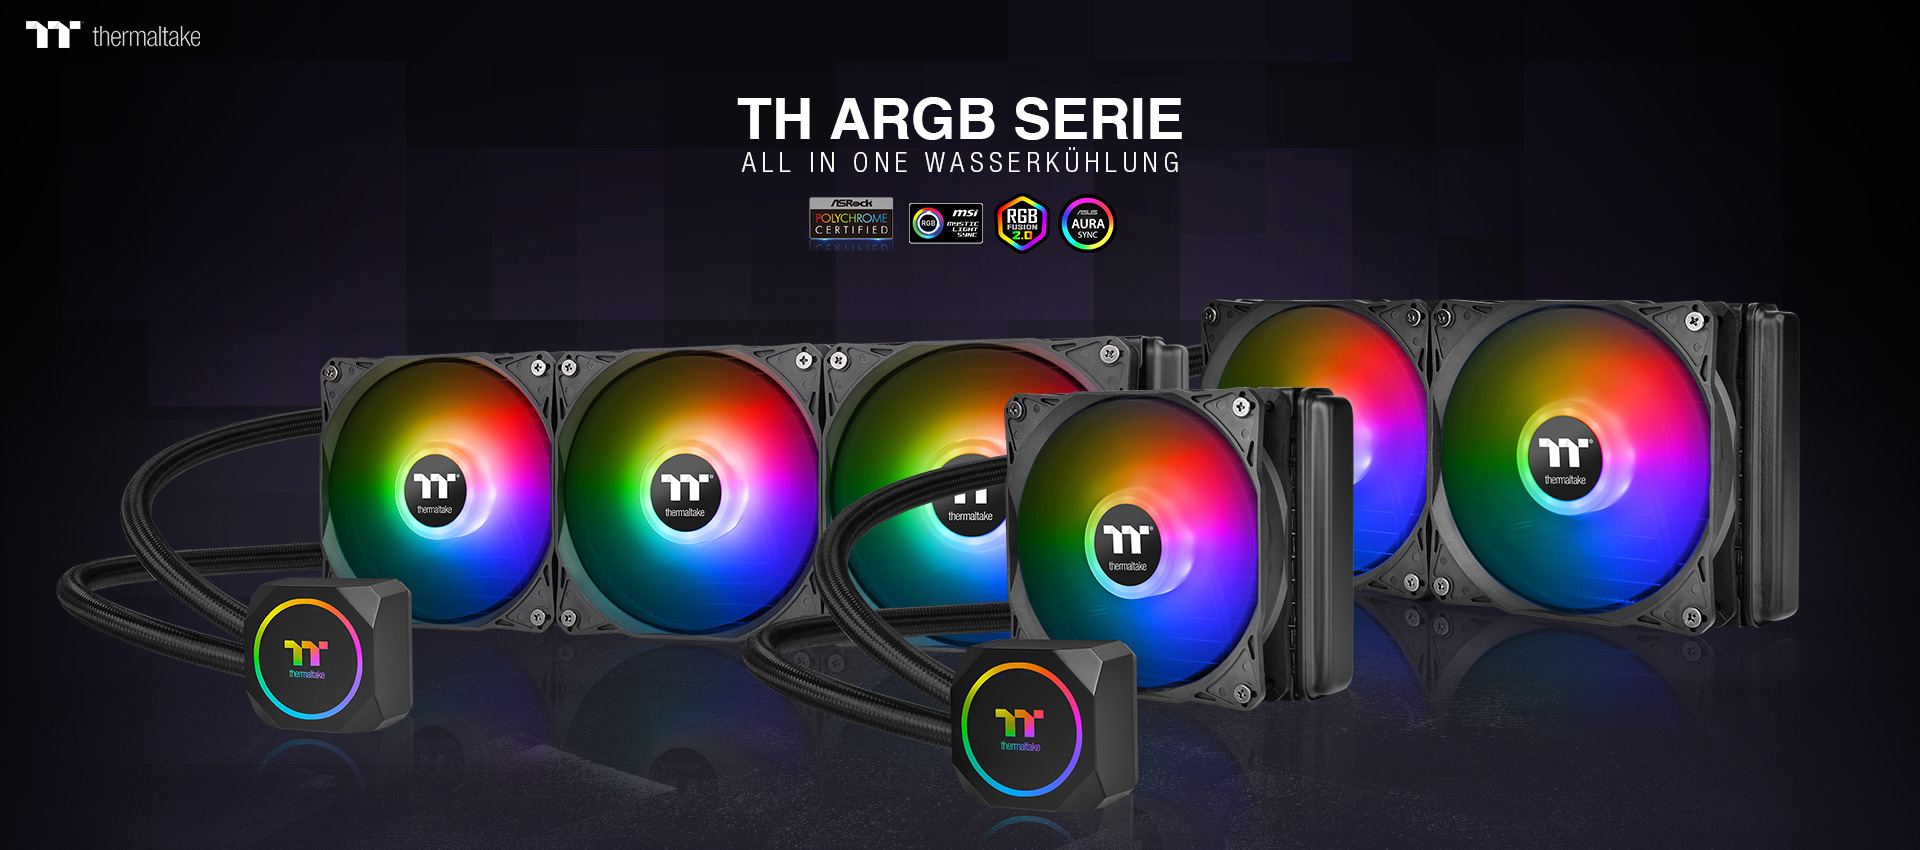 TH ARGB Series